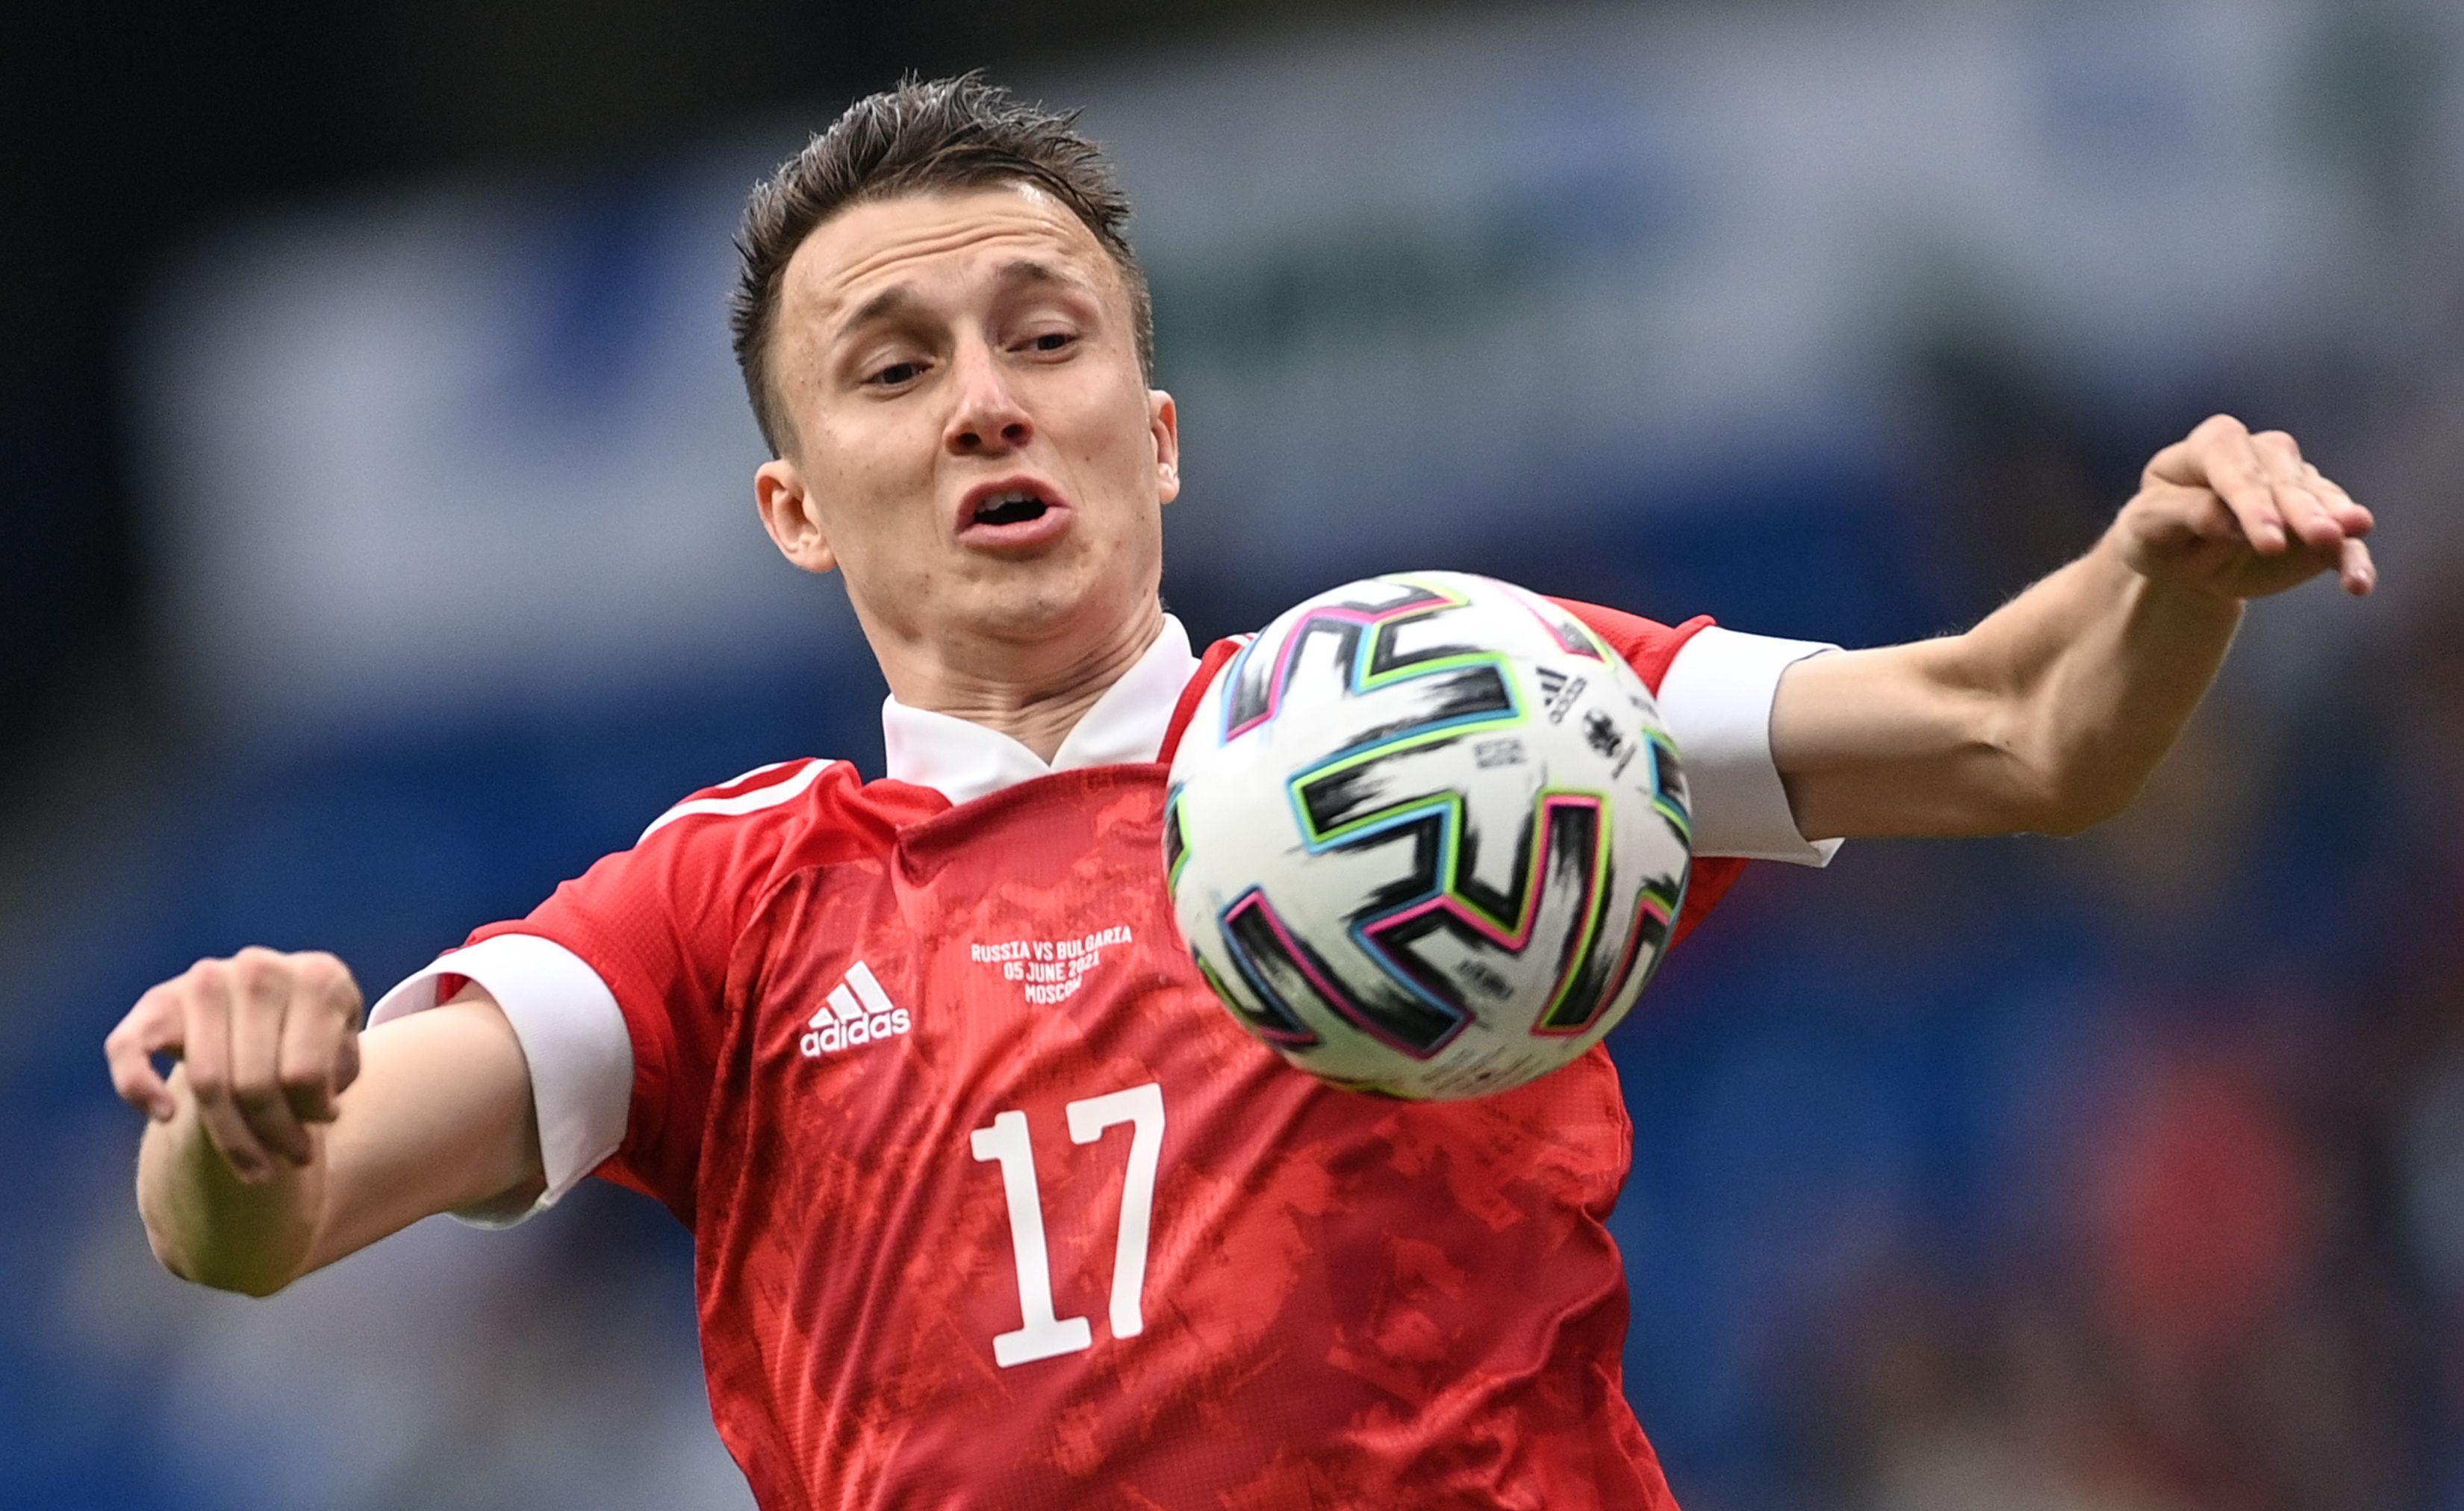 Lotul Rusiei la Euro 2020. Golovin, probabil cel mai talentat jucător rus